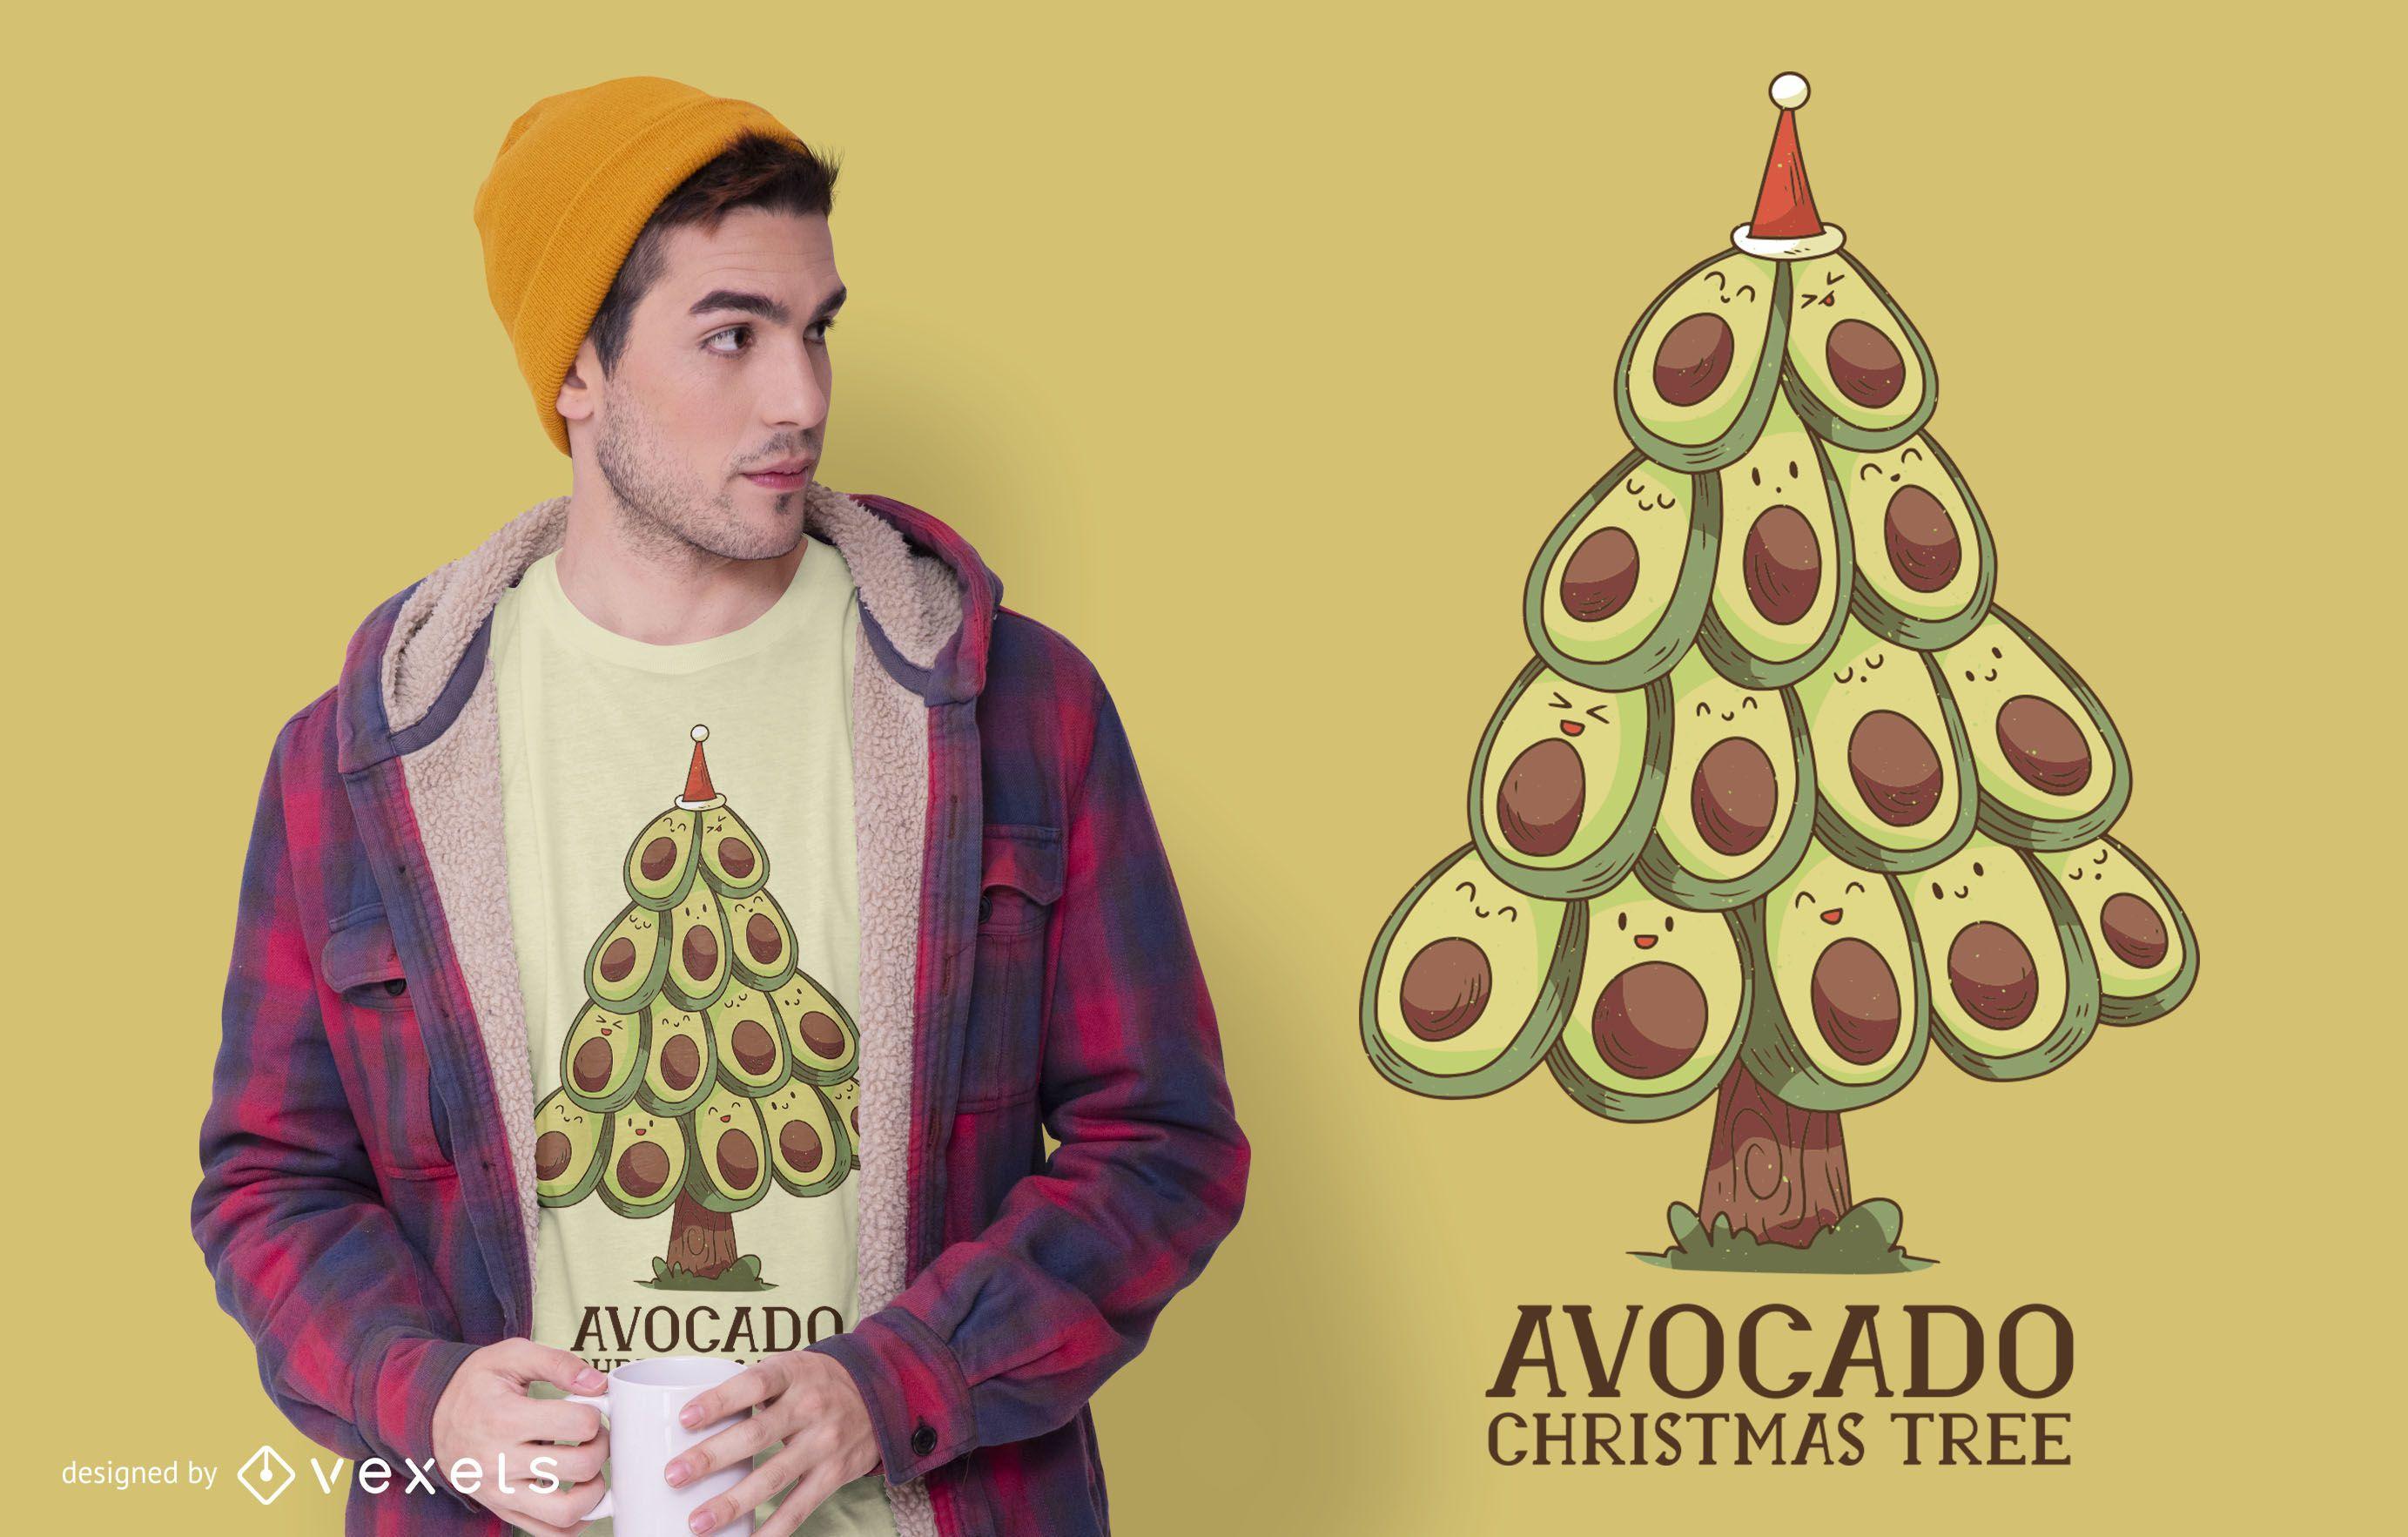 Avocado christmas tree t-shirt design